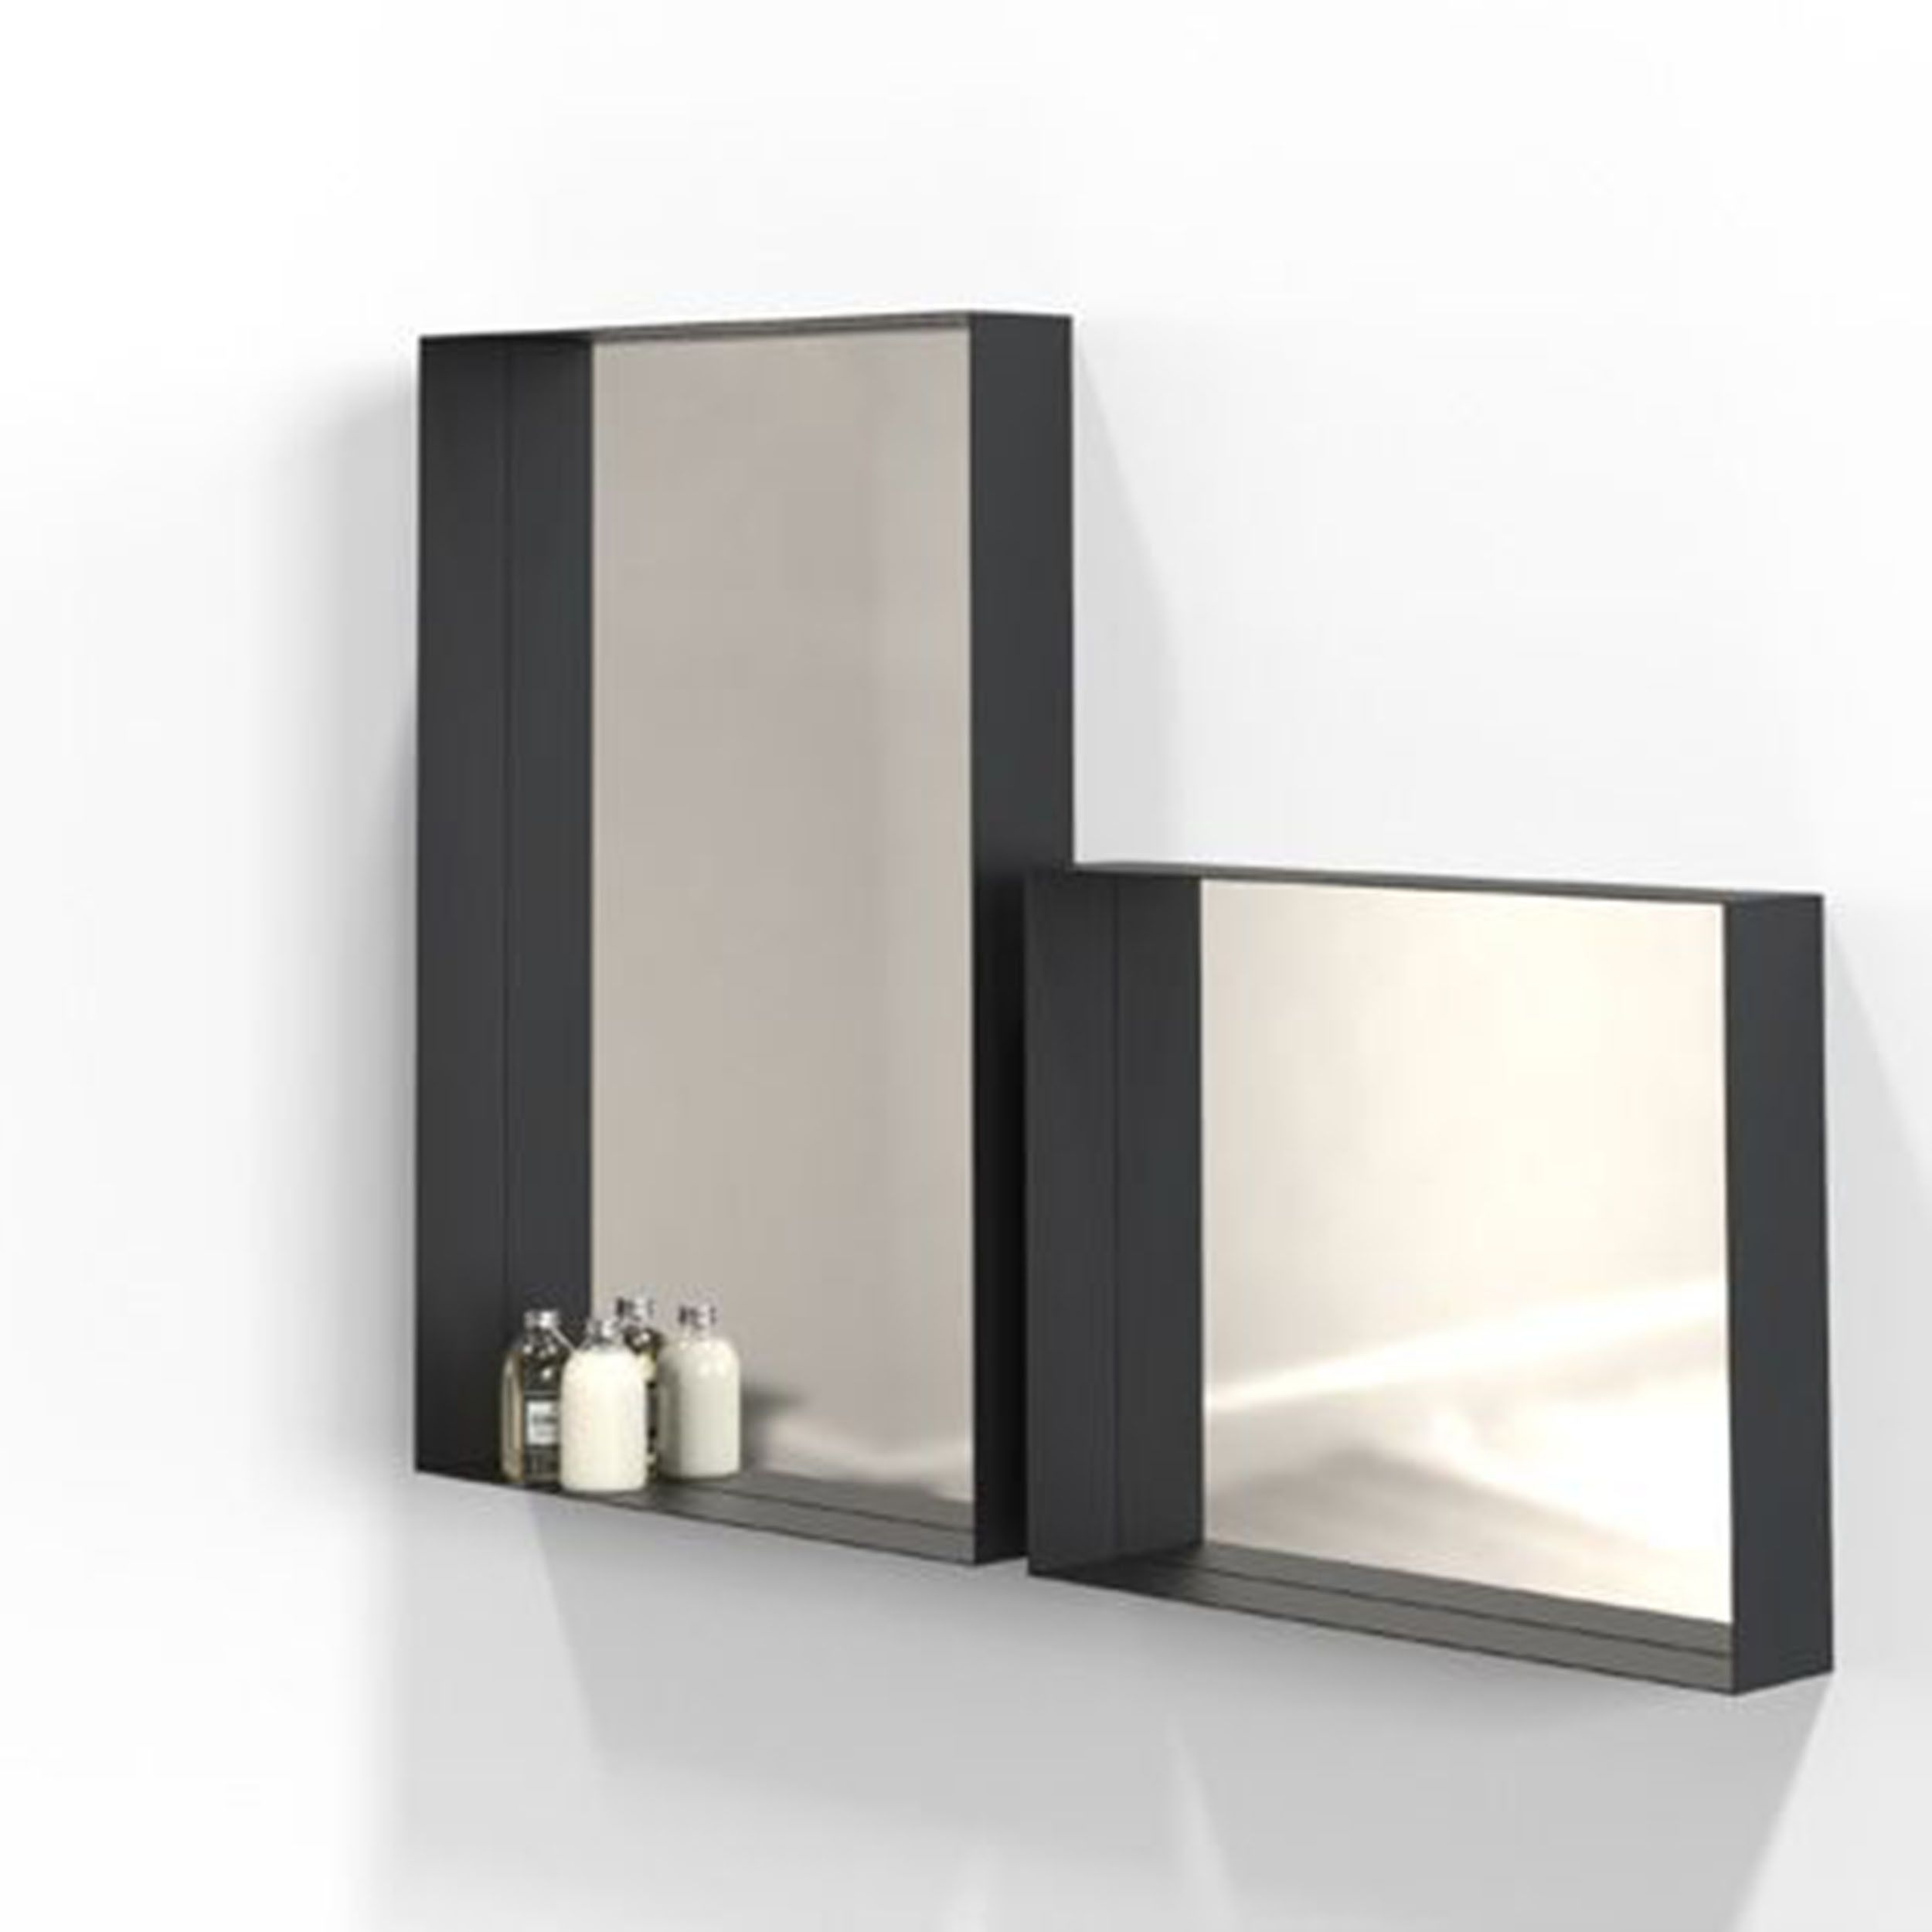 Unu Spiegel Mit Rahmen 50 Schwarz A050419 001 Spiegel Gaste